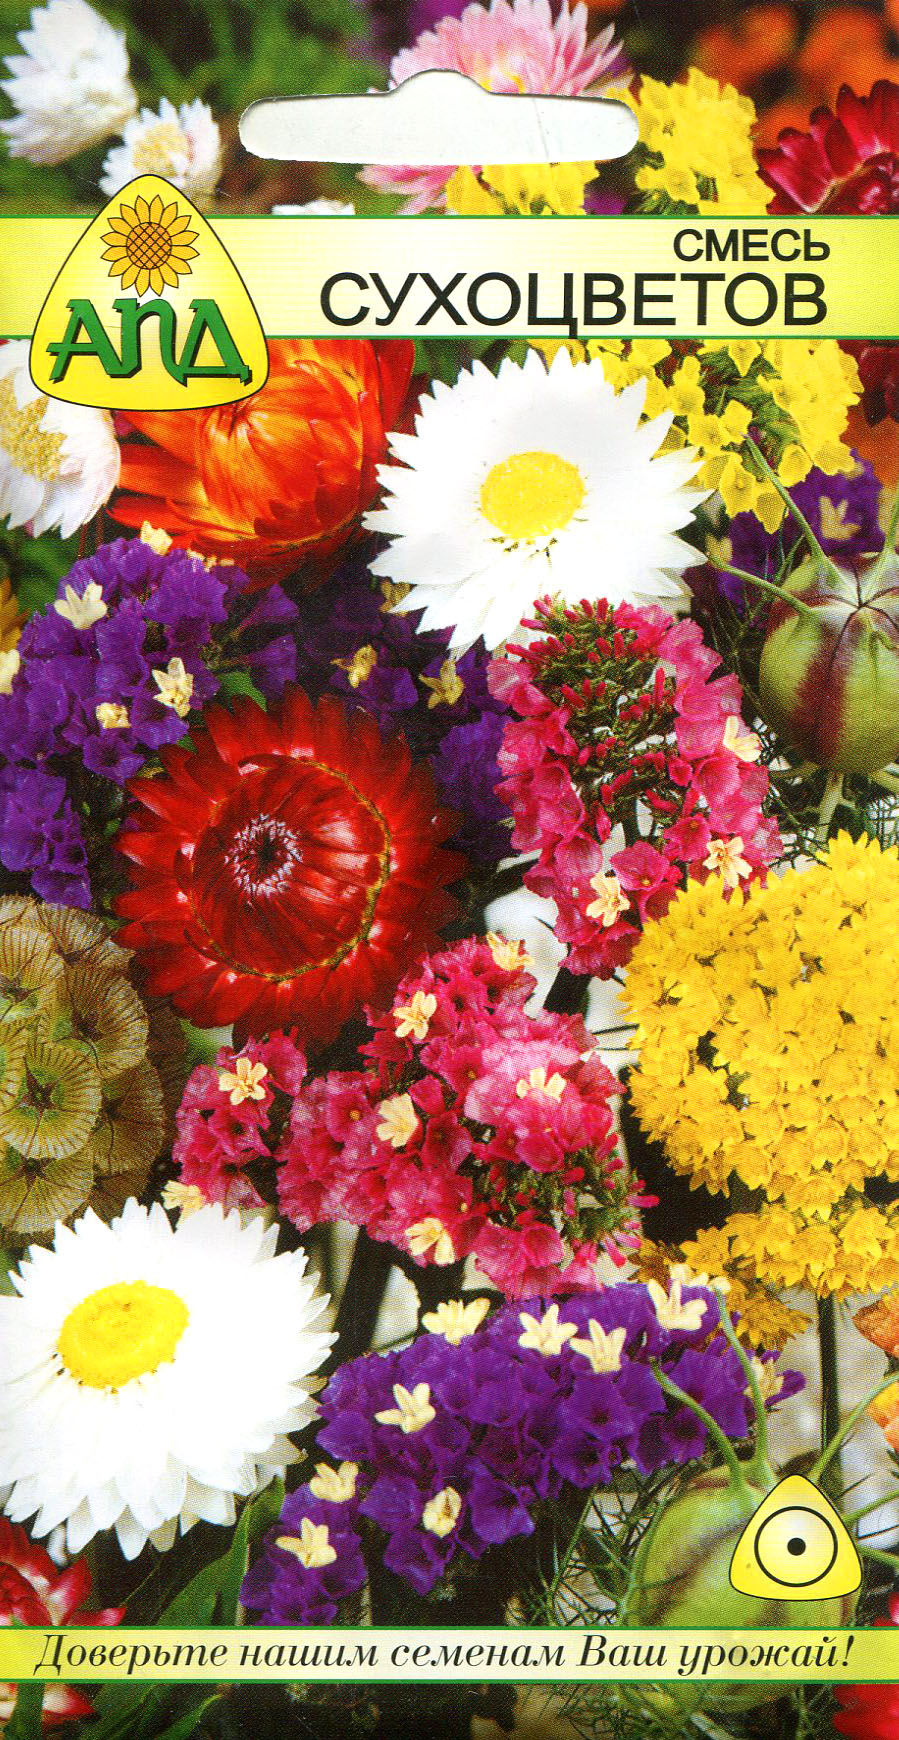 Заказать семена цветов через интернет домашние цветы в подарок женщине